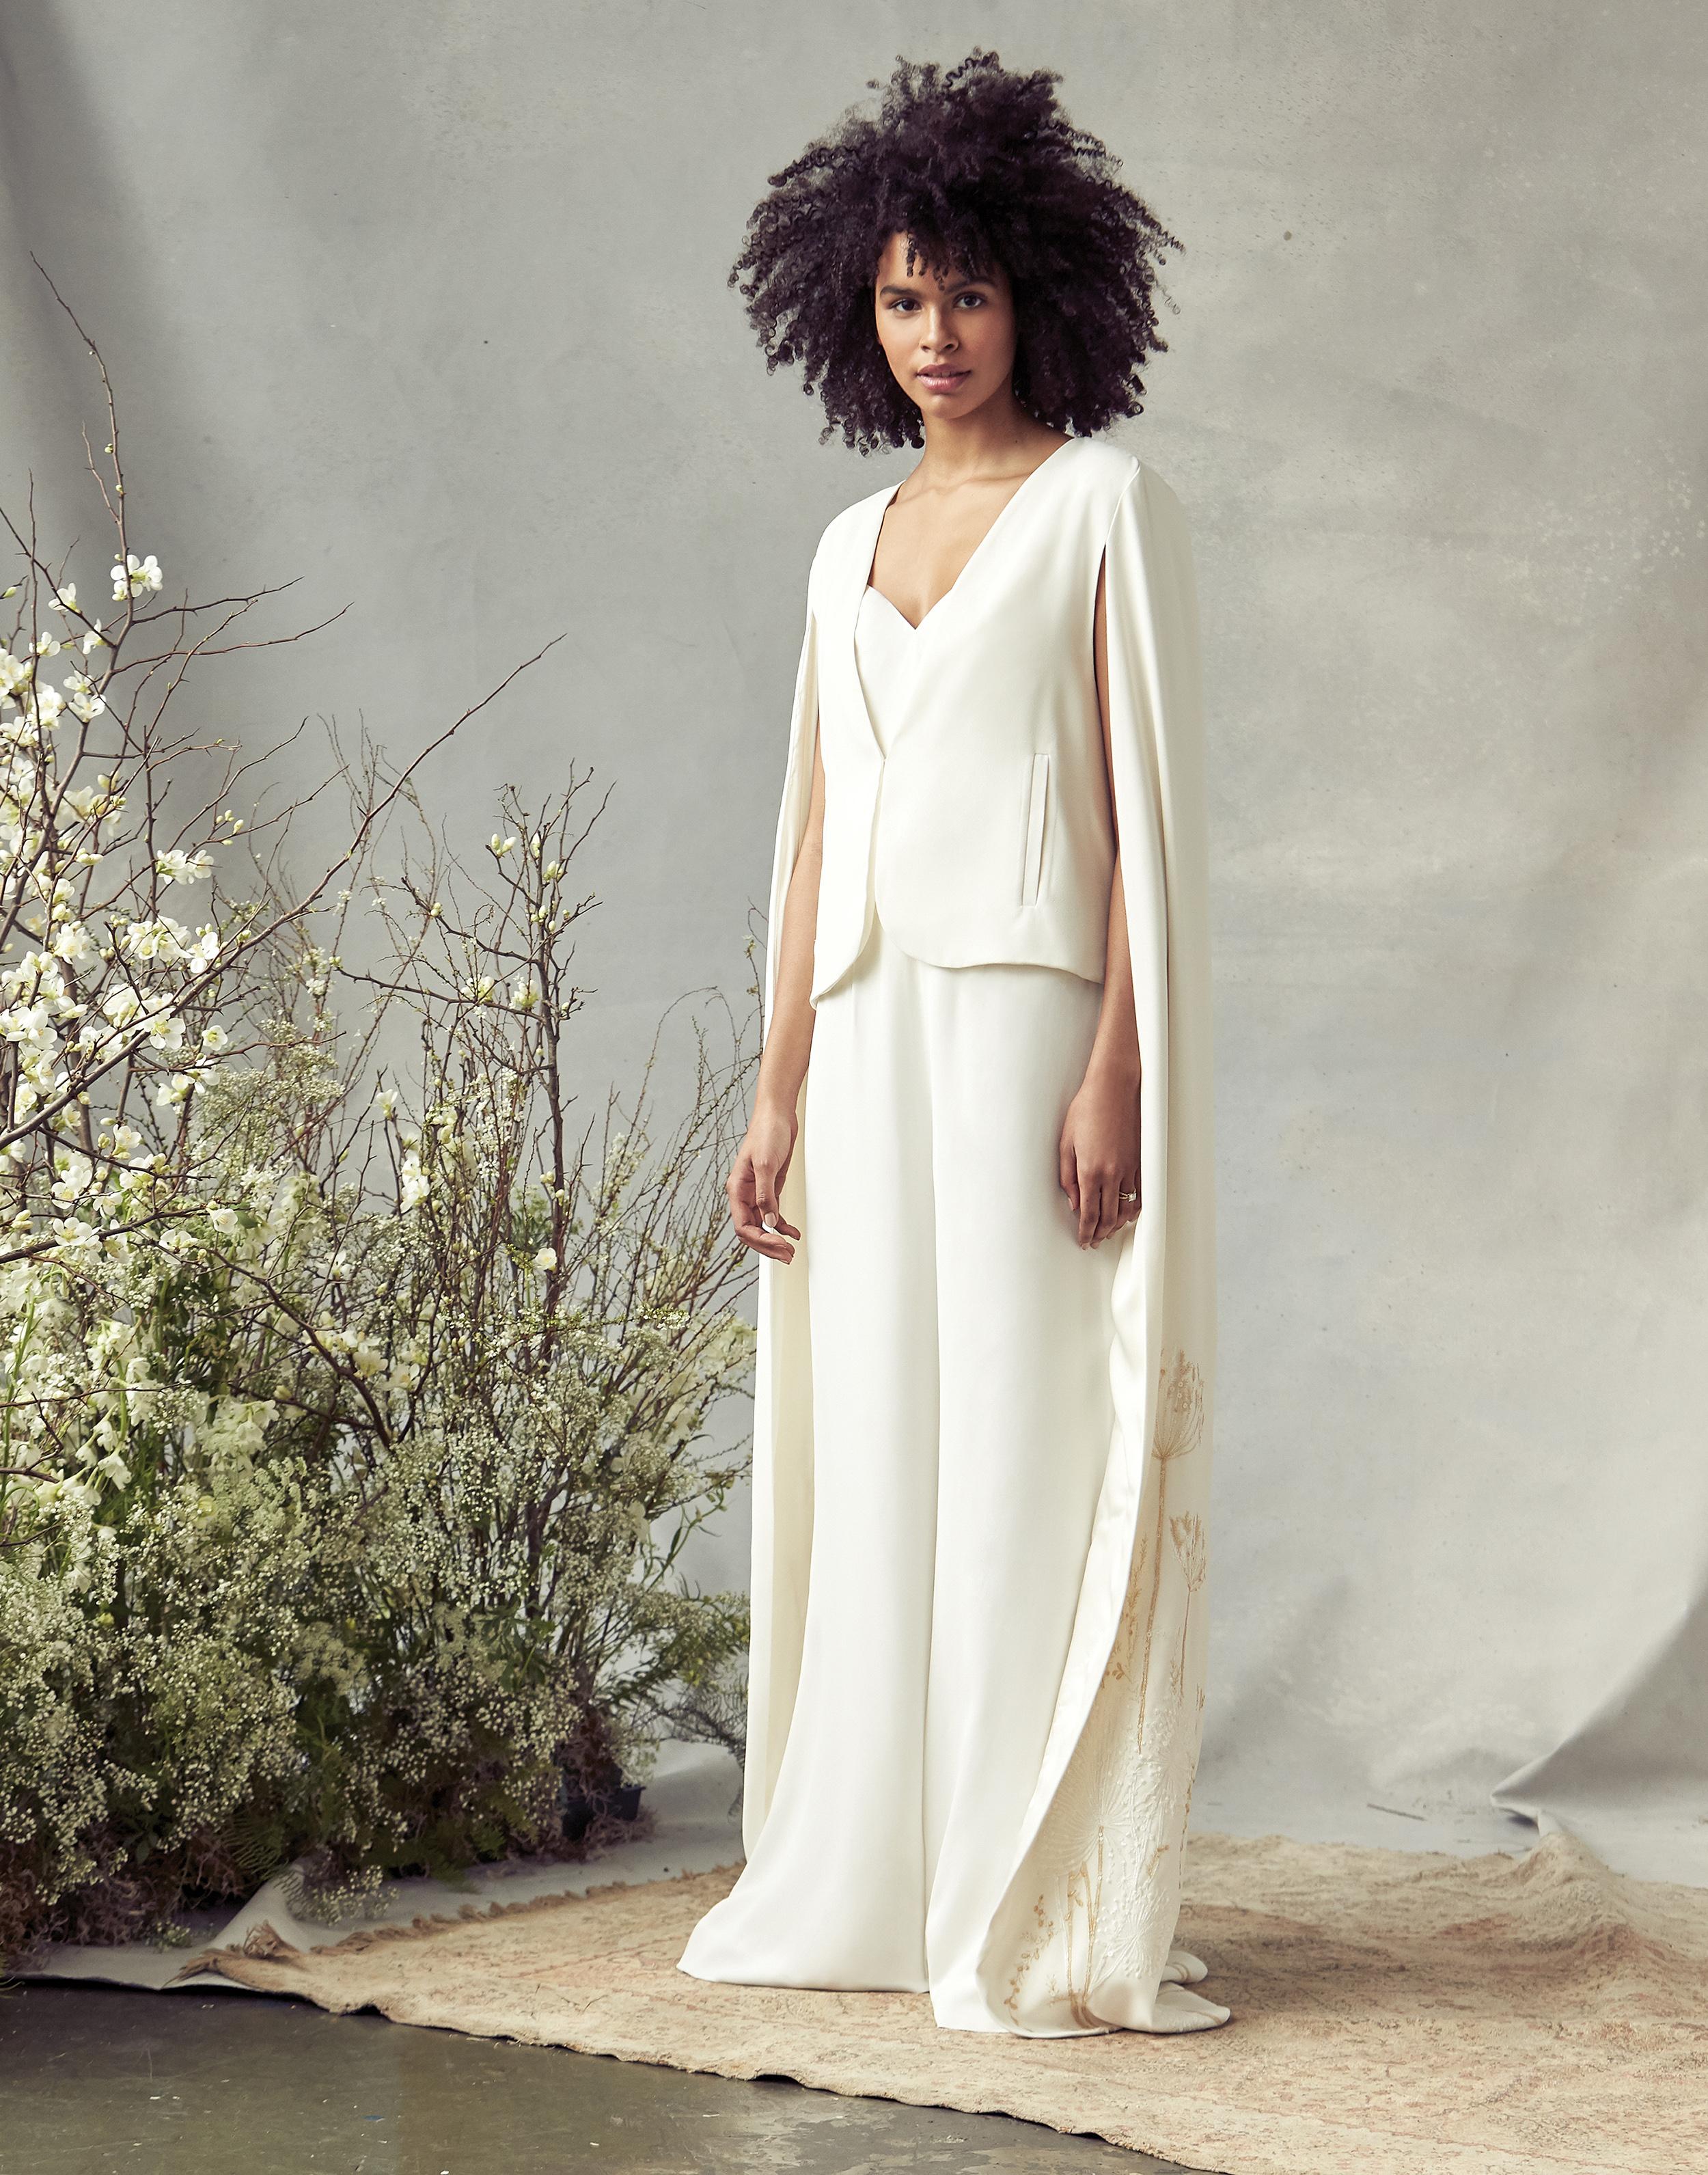 savannah miller v-neck with vest cape wedding dress spring 2020